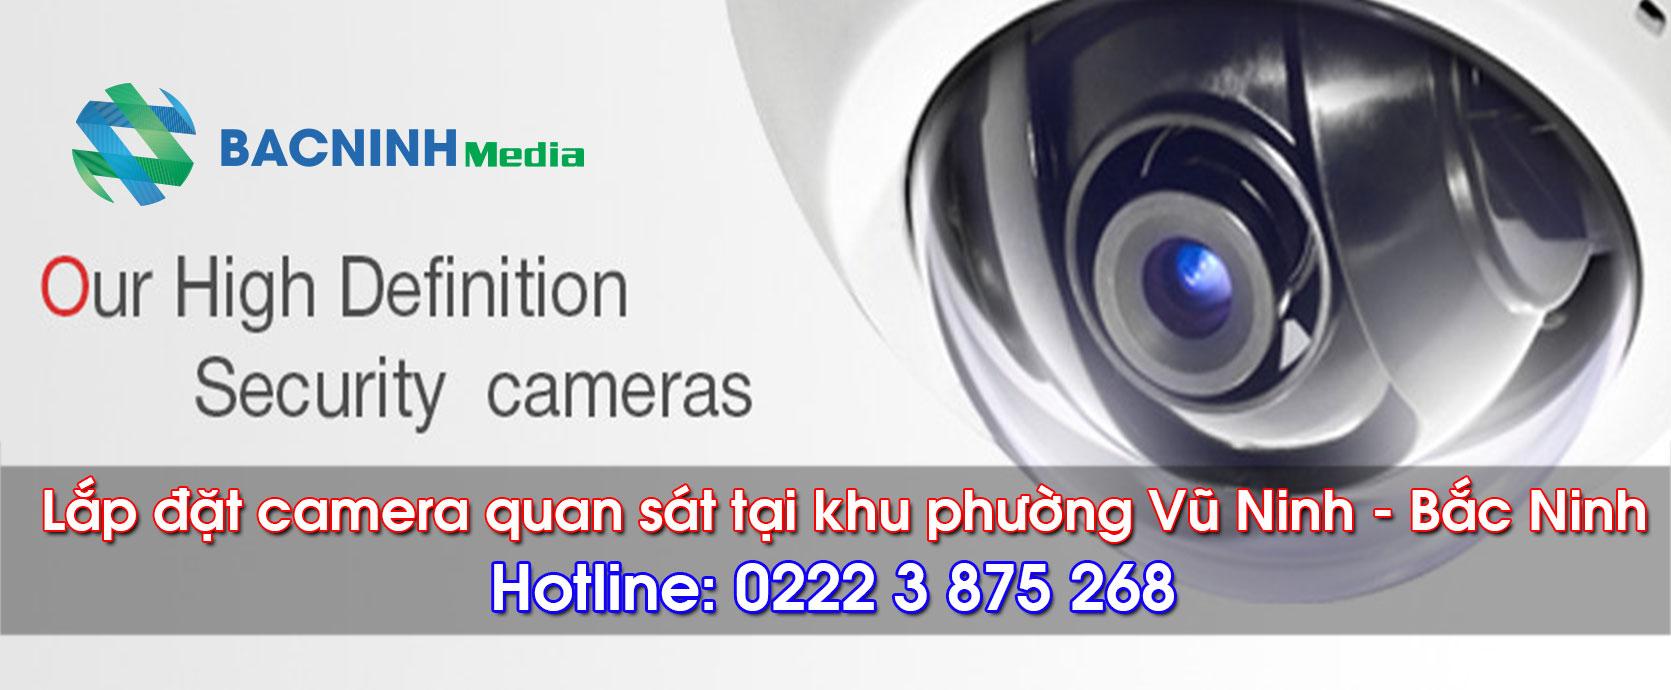 Lắp đặt camera quan sát tại phường Vũ Ninh Bắc Ninh